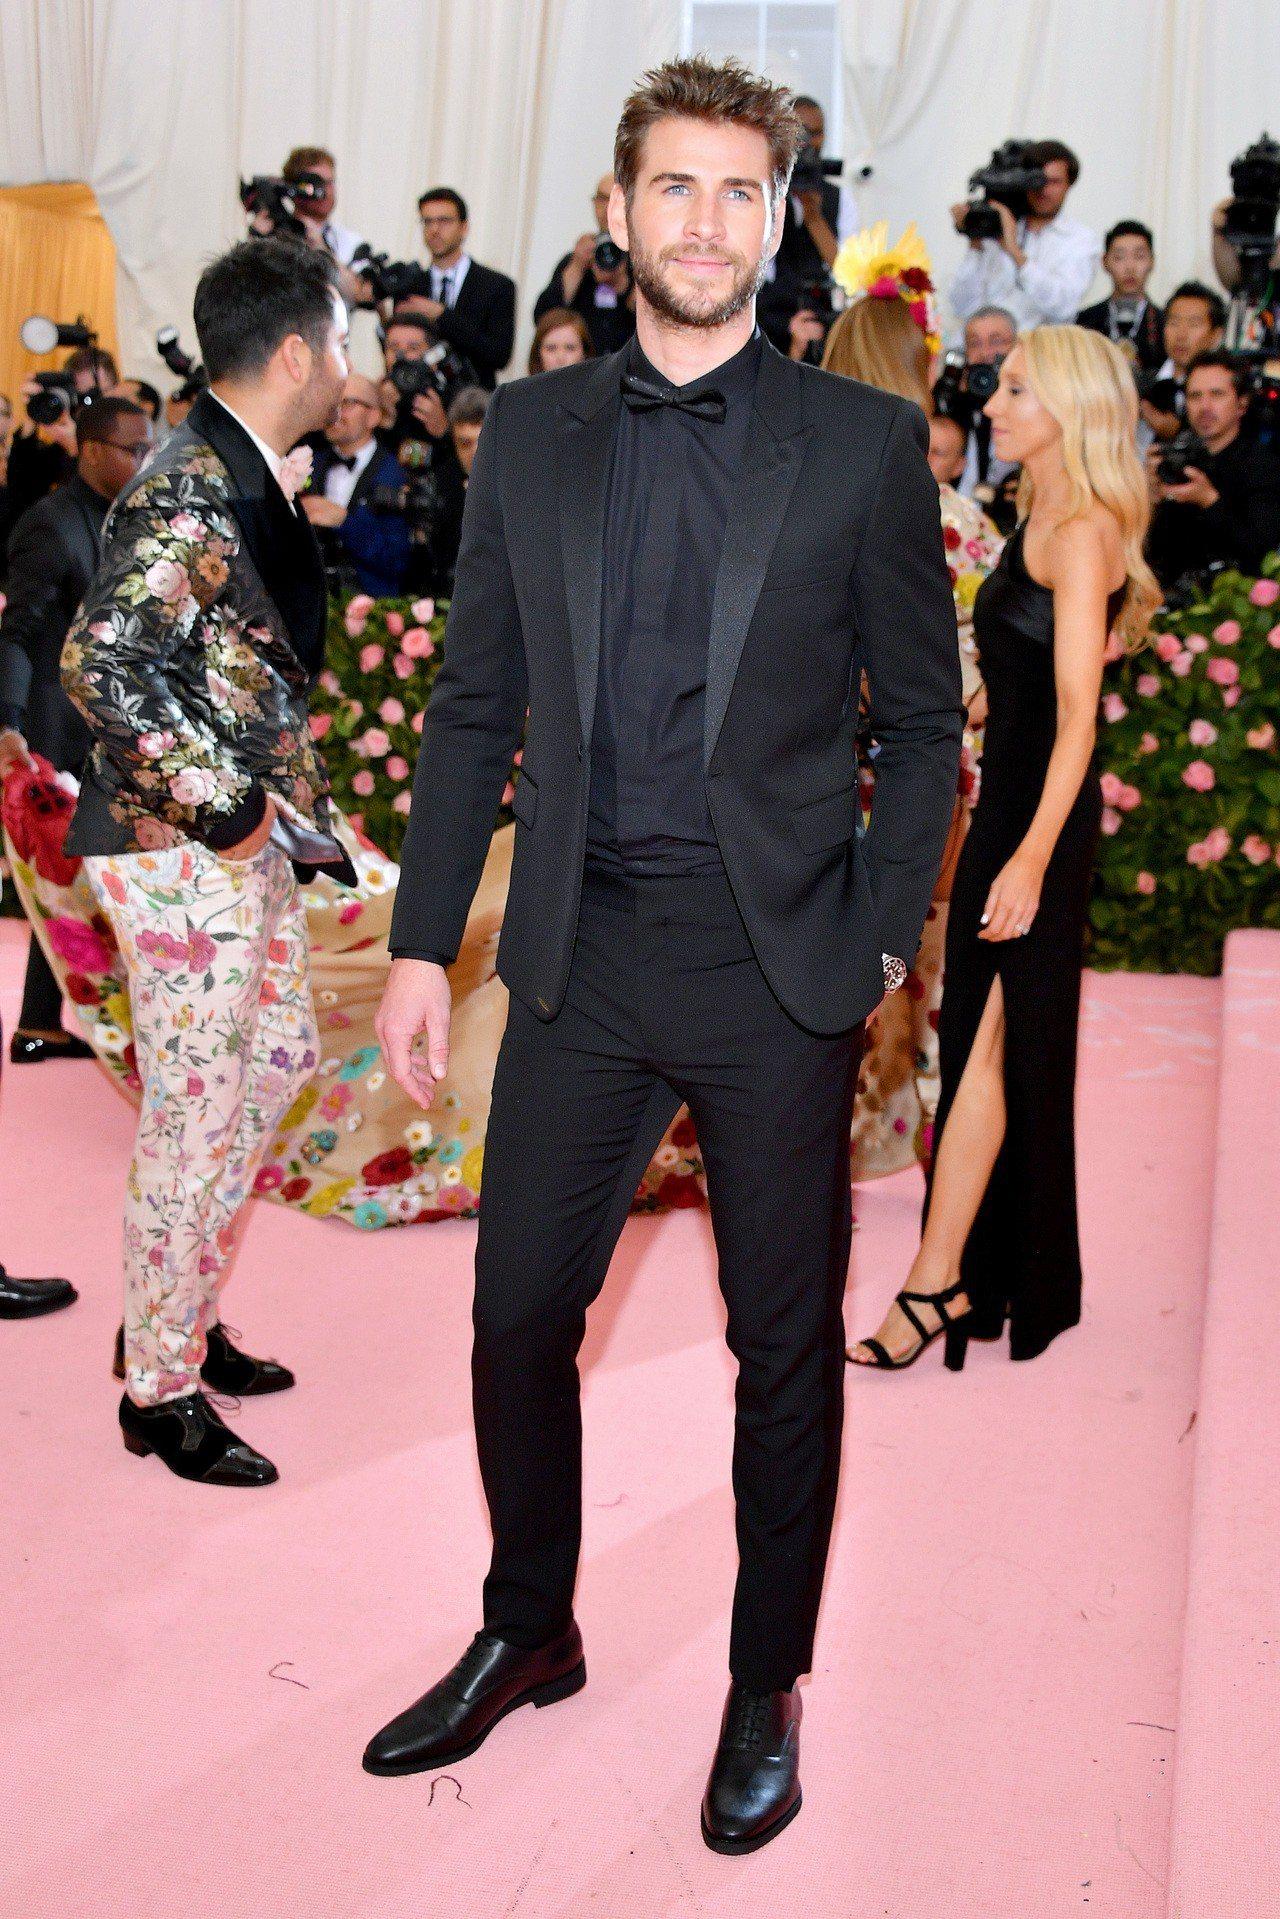 「雷神弟」連恩漢斯沃同樣是挑選了Saint Laurent黑色合身西裝攜帶女伴參...